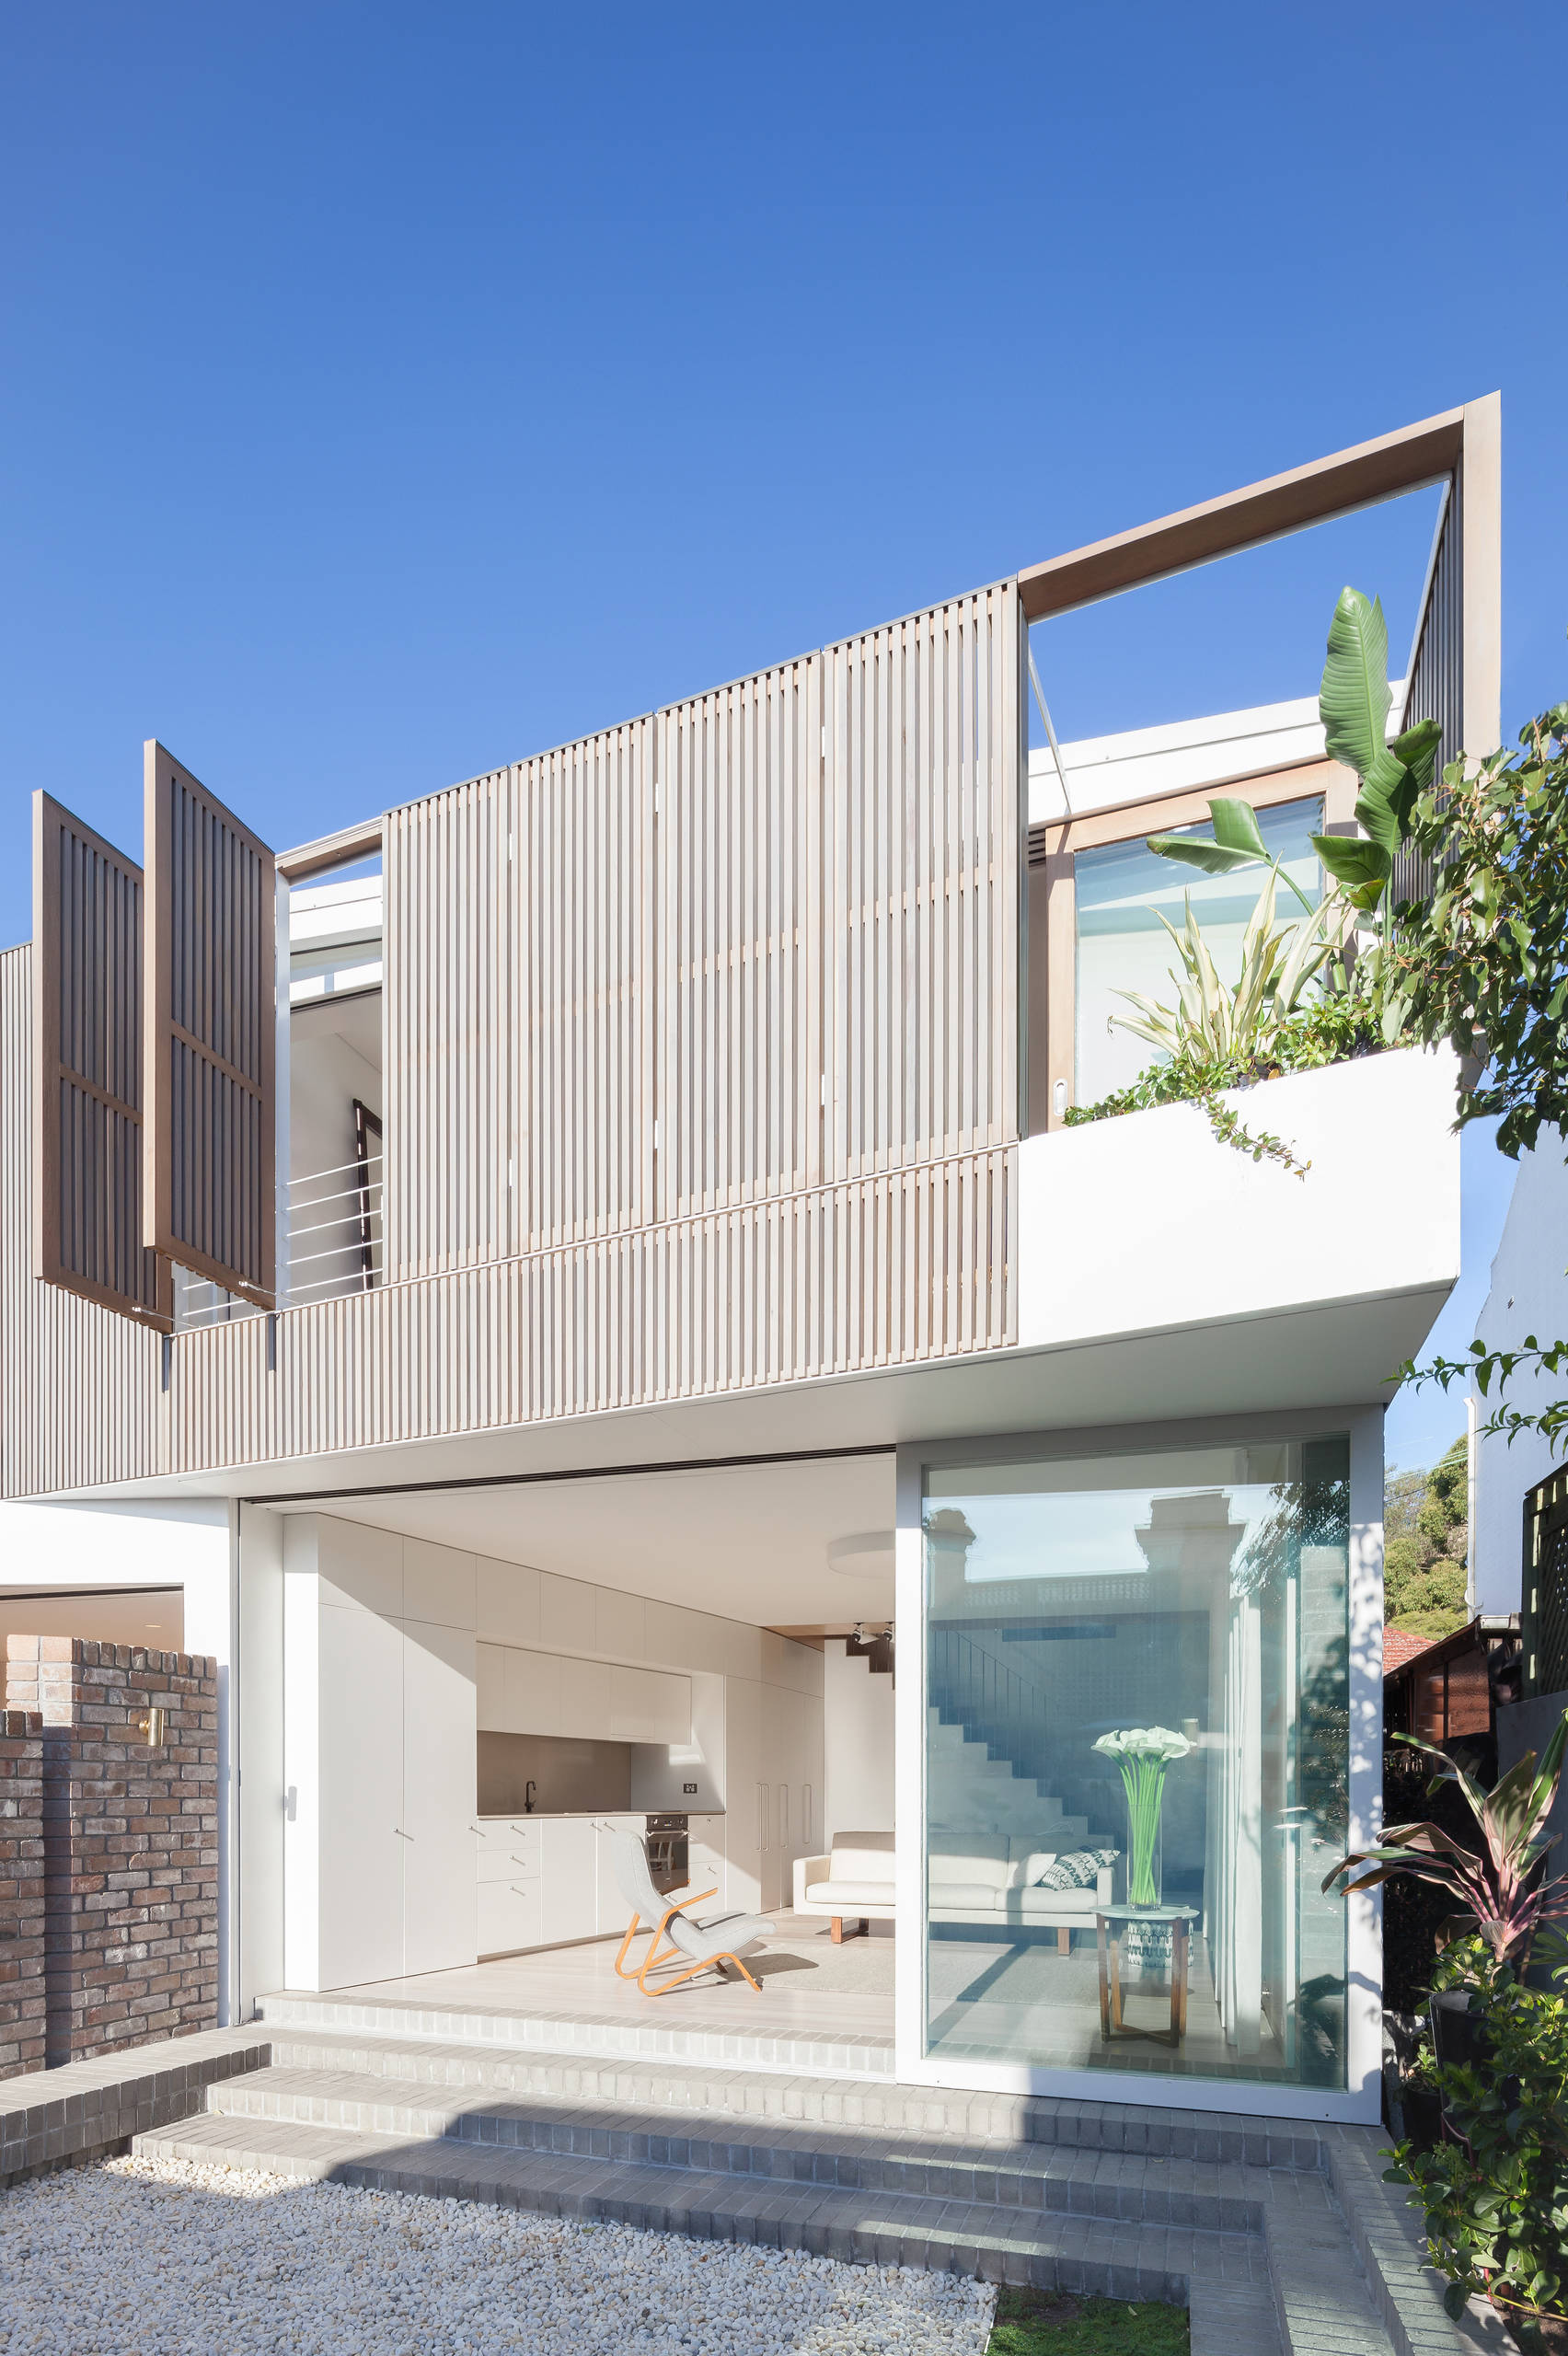 Những bí quyết đơn giản và tiết kiệm tạo vẻ đẹp hiện đại, cuốn hút cho khung cửa sổ nhà bạn - Ảnh 4.